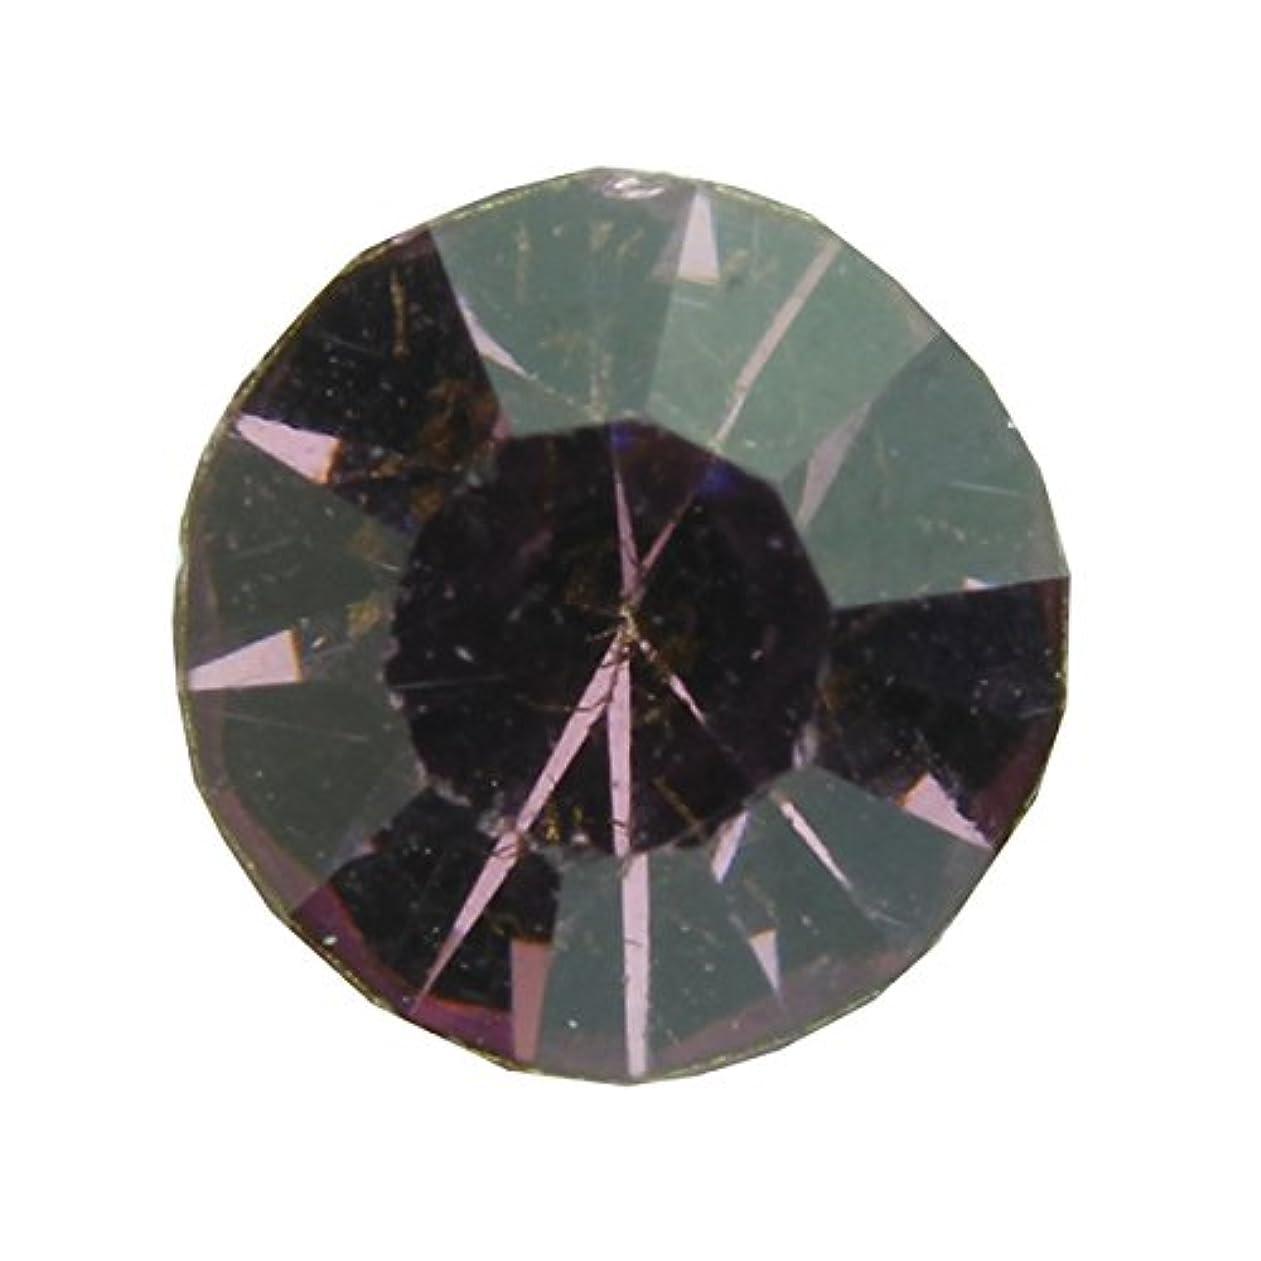 優先権指令レバーアクリルストーンVカット ss20(約4.8mm)(30個入り) アメジスト